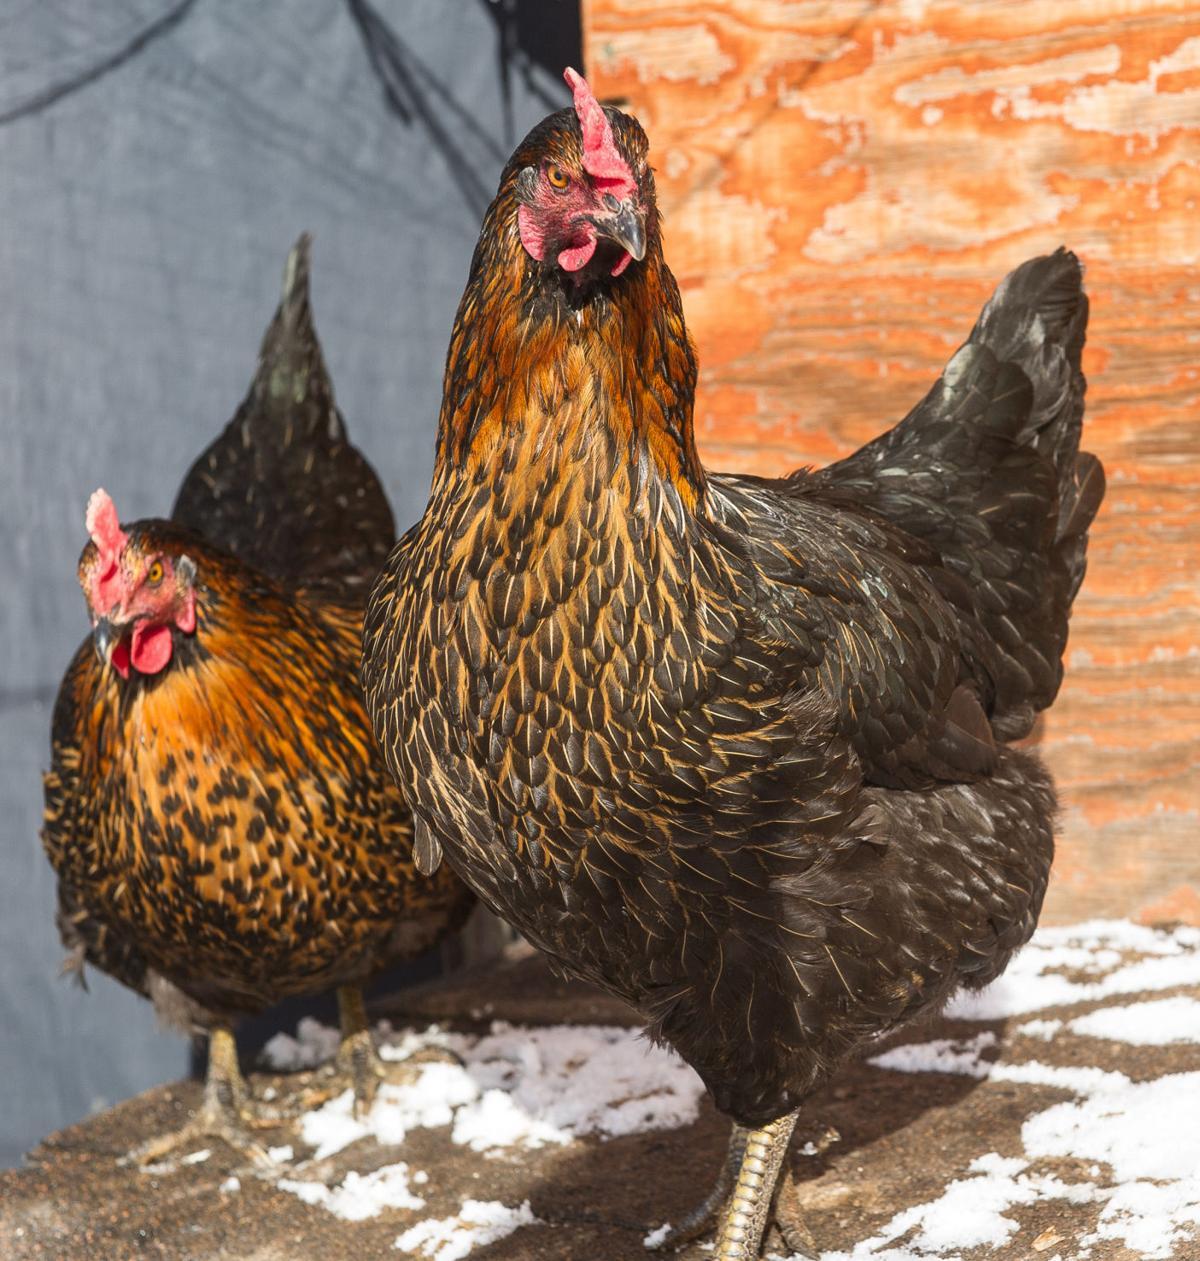 Chicken #2